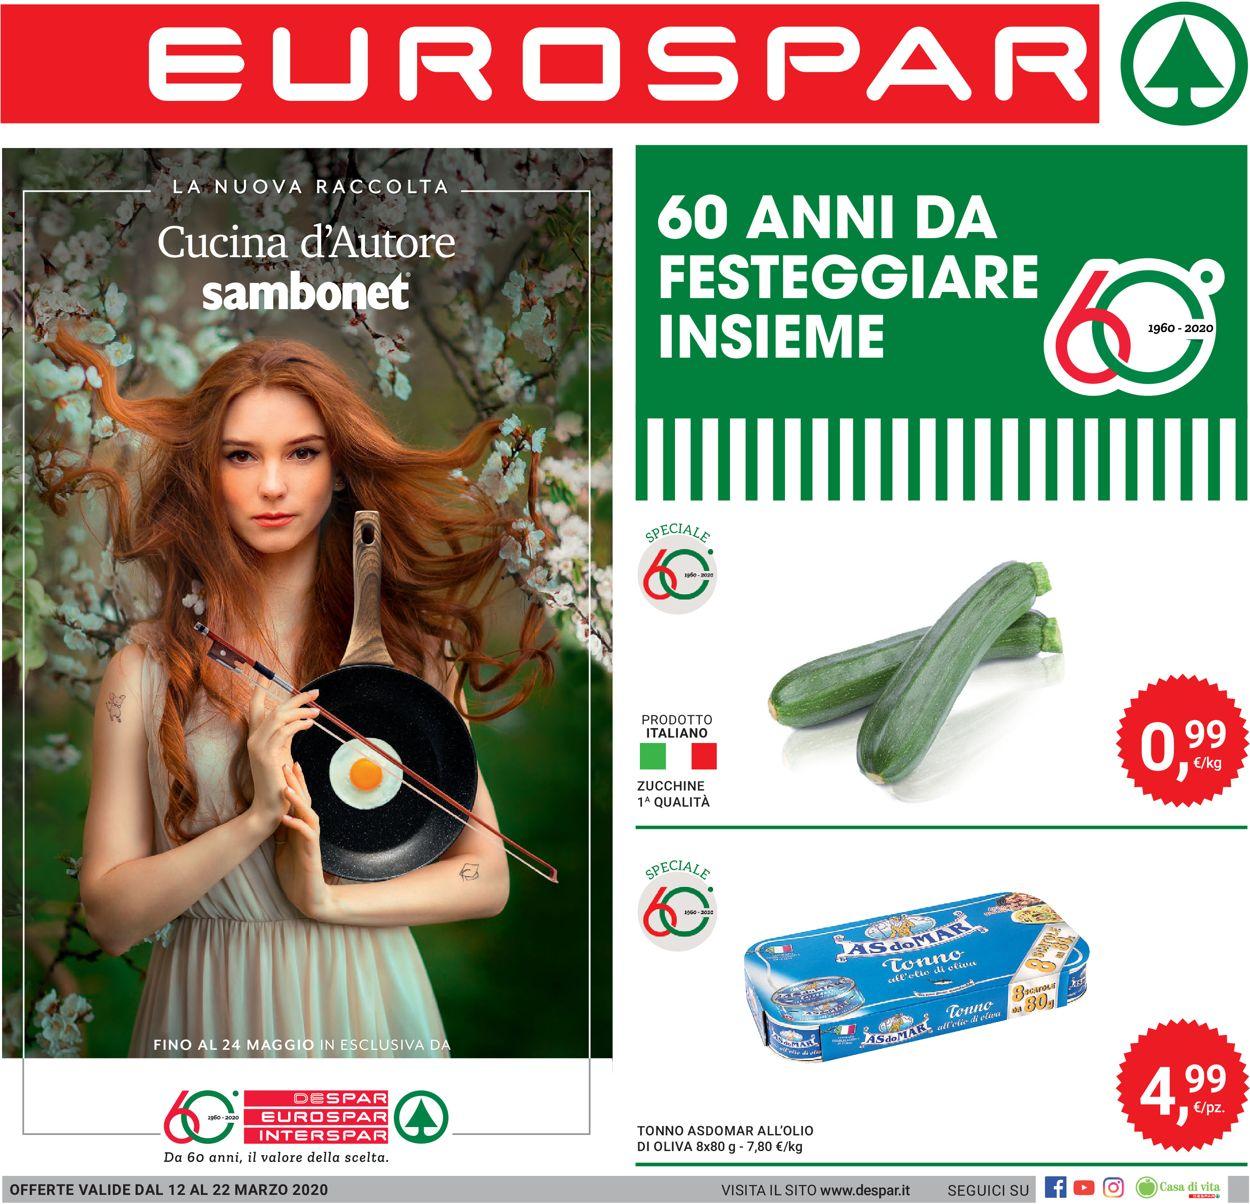 Volantino Eurospar - Offerte 12/03-22/03/2020